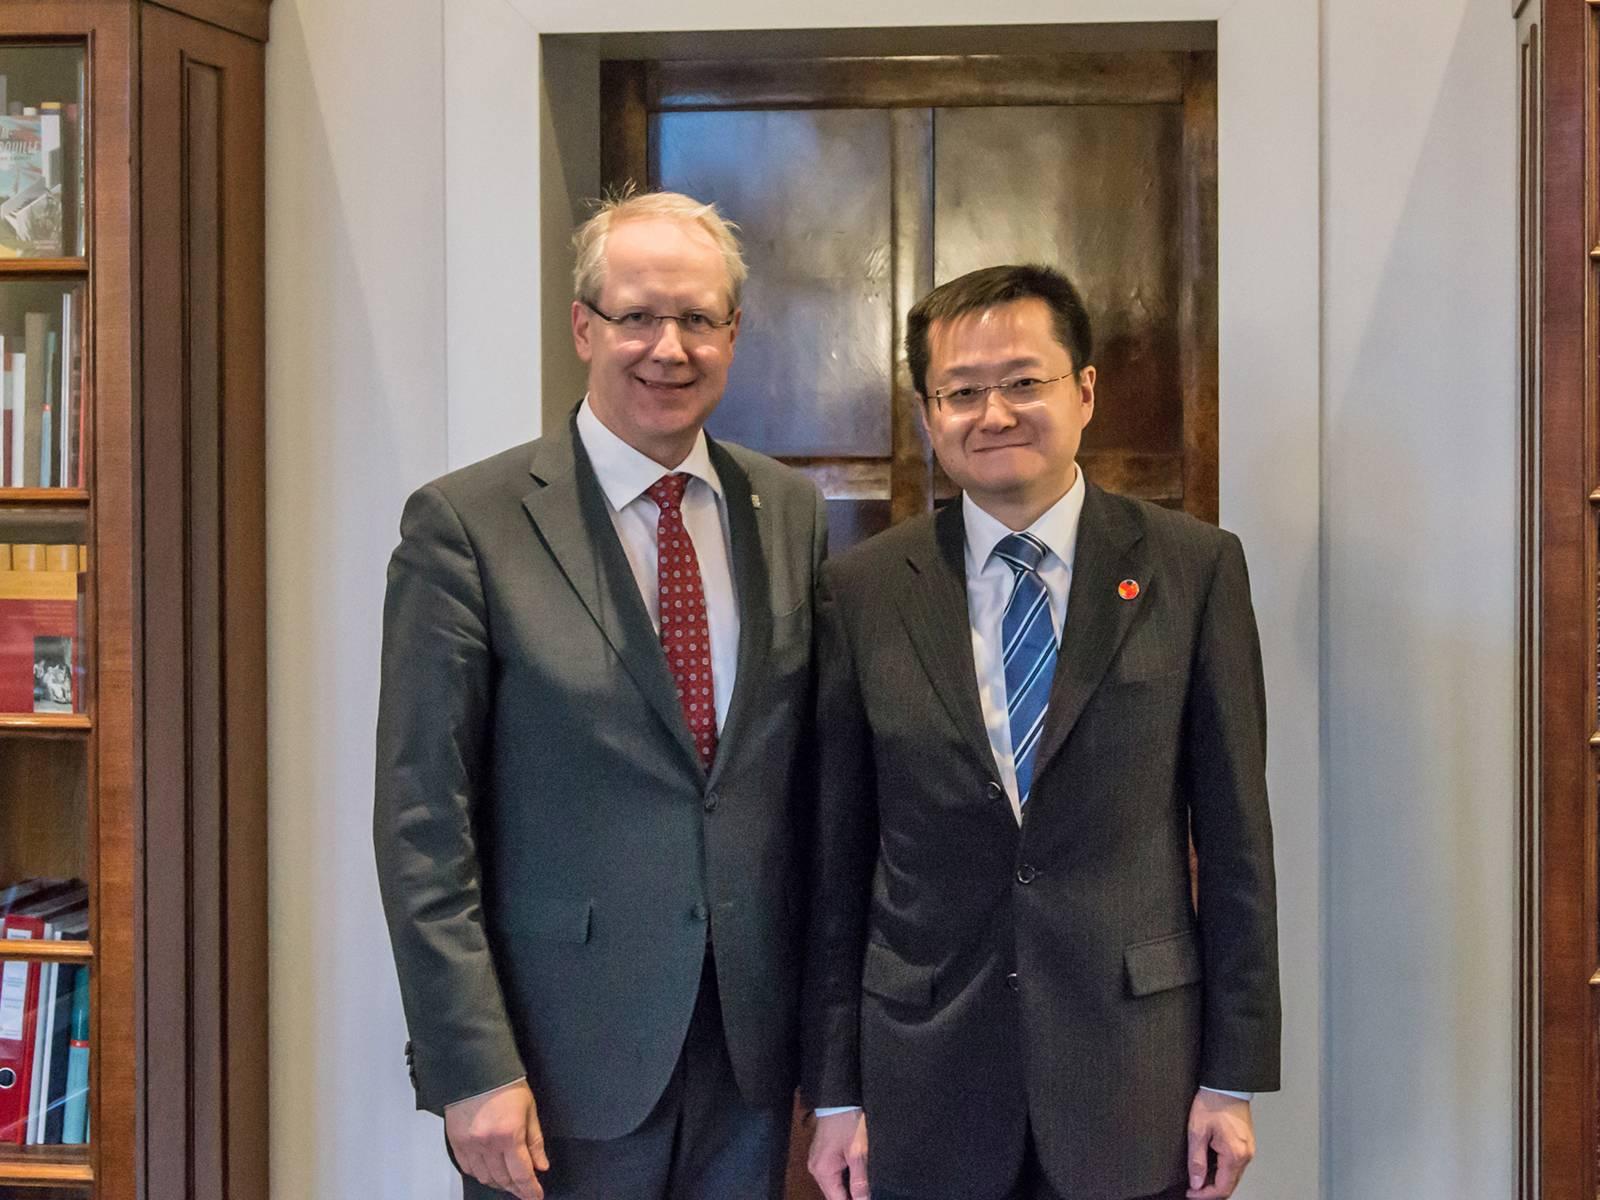 Oberbürgermeister Stefan Schostok und der chinesische Generalkonsul in Hamburg, Xiaohui Du